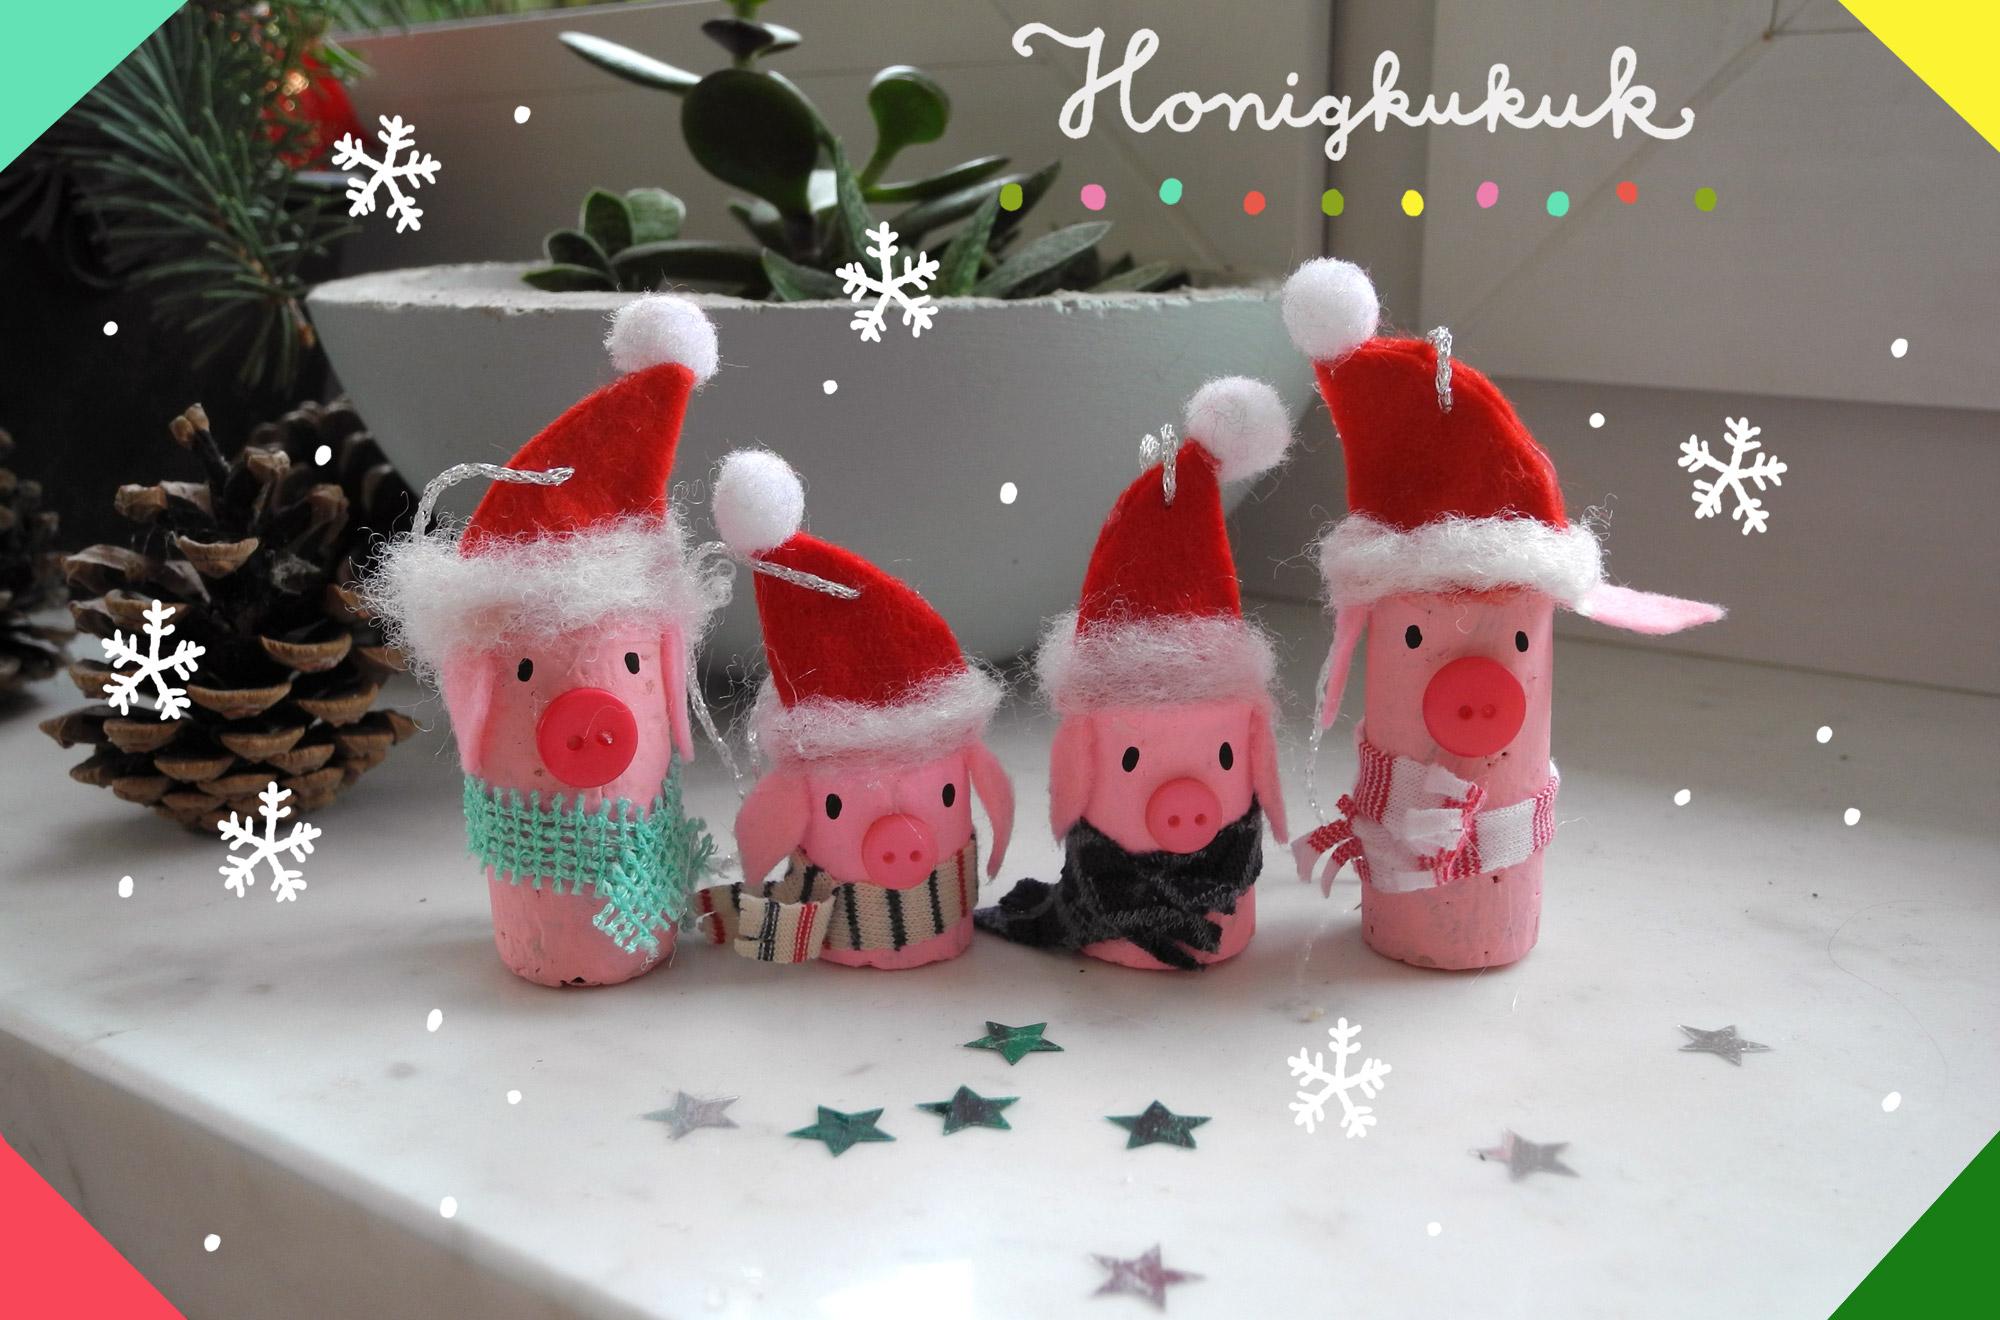 Weihnachts Anhaenger aus Korken basteln, Upcycling fuer Kinder, Weihnachtsdeko selber machen